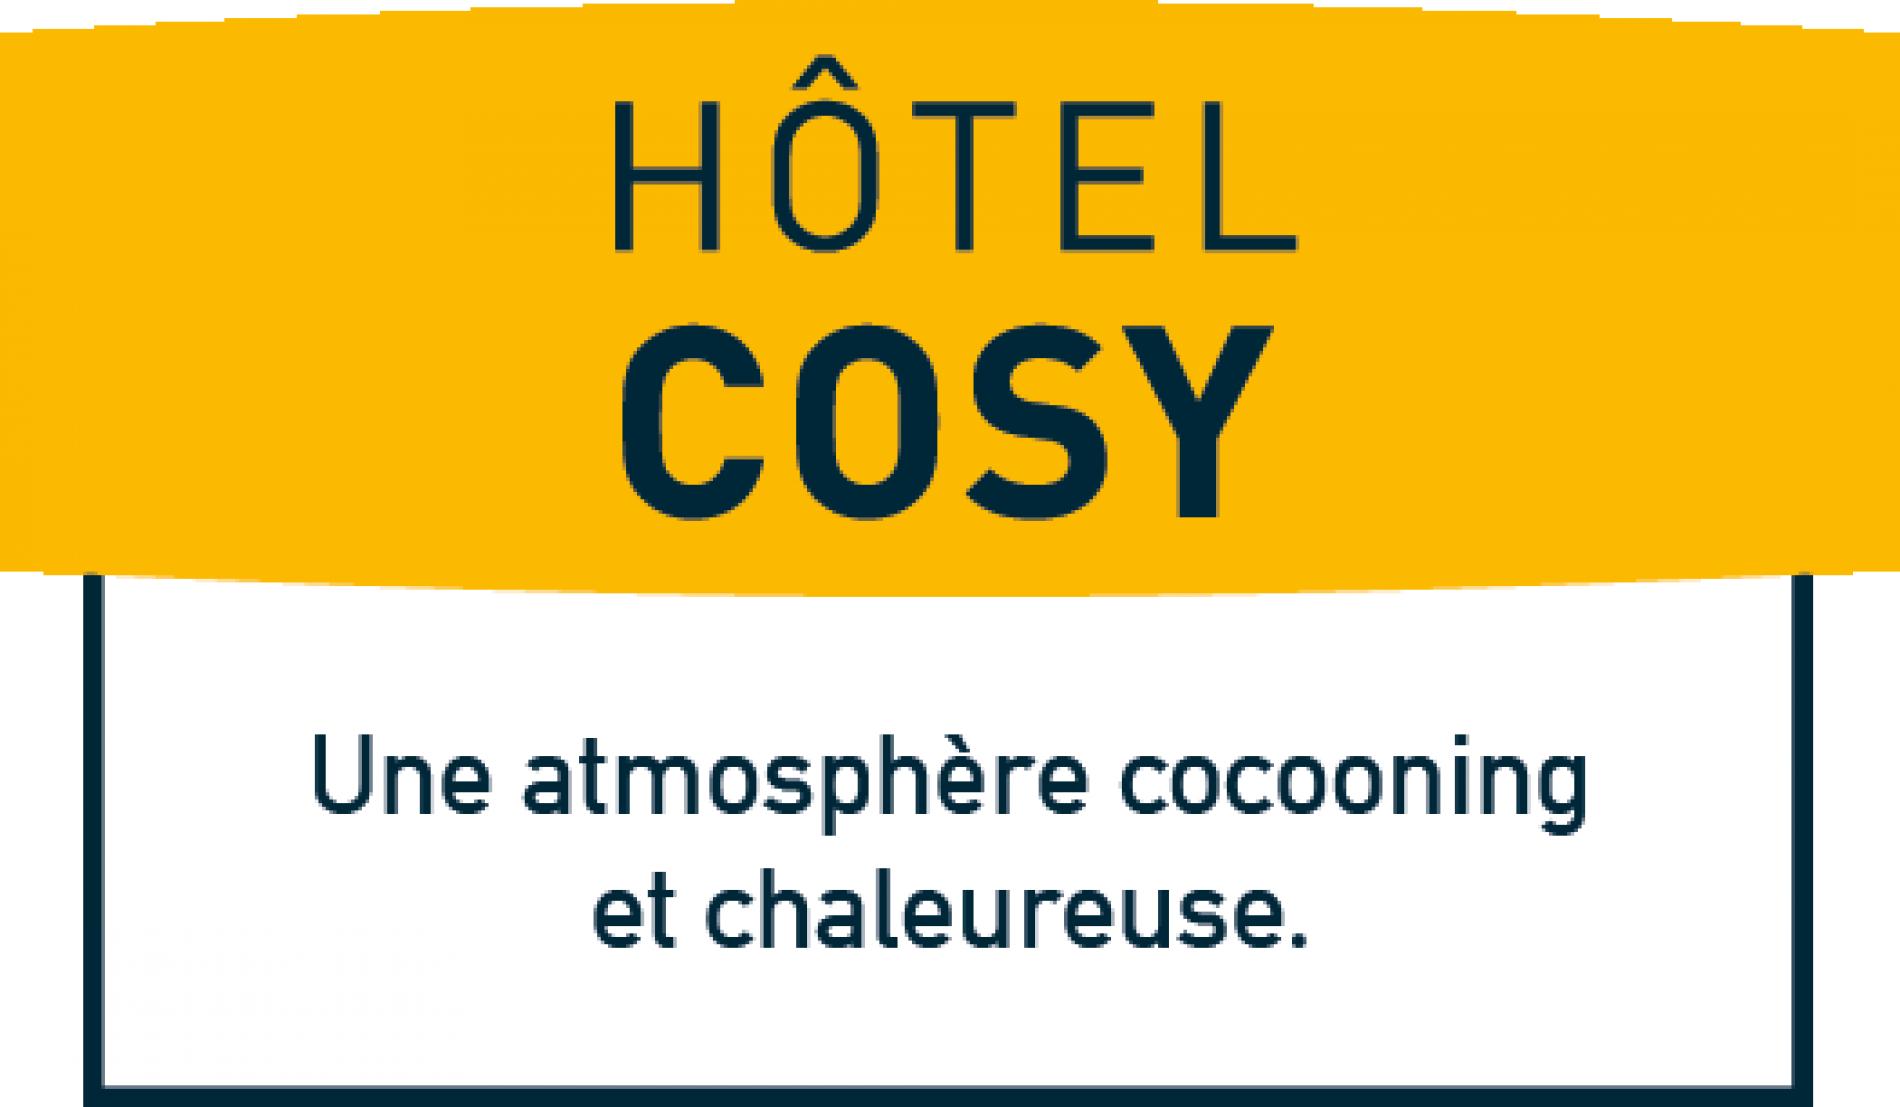 Logis Hotel à Tours Hôtel des Chateaux de la Loire, Logis hôtel Cosy